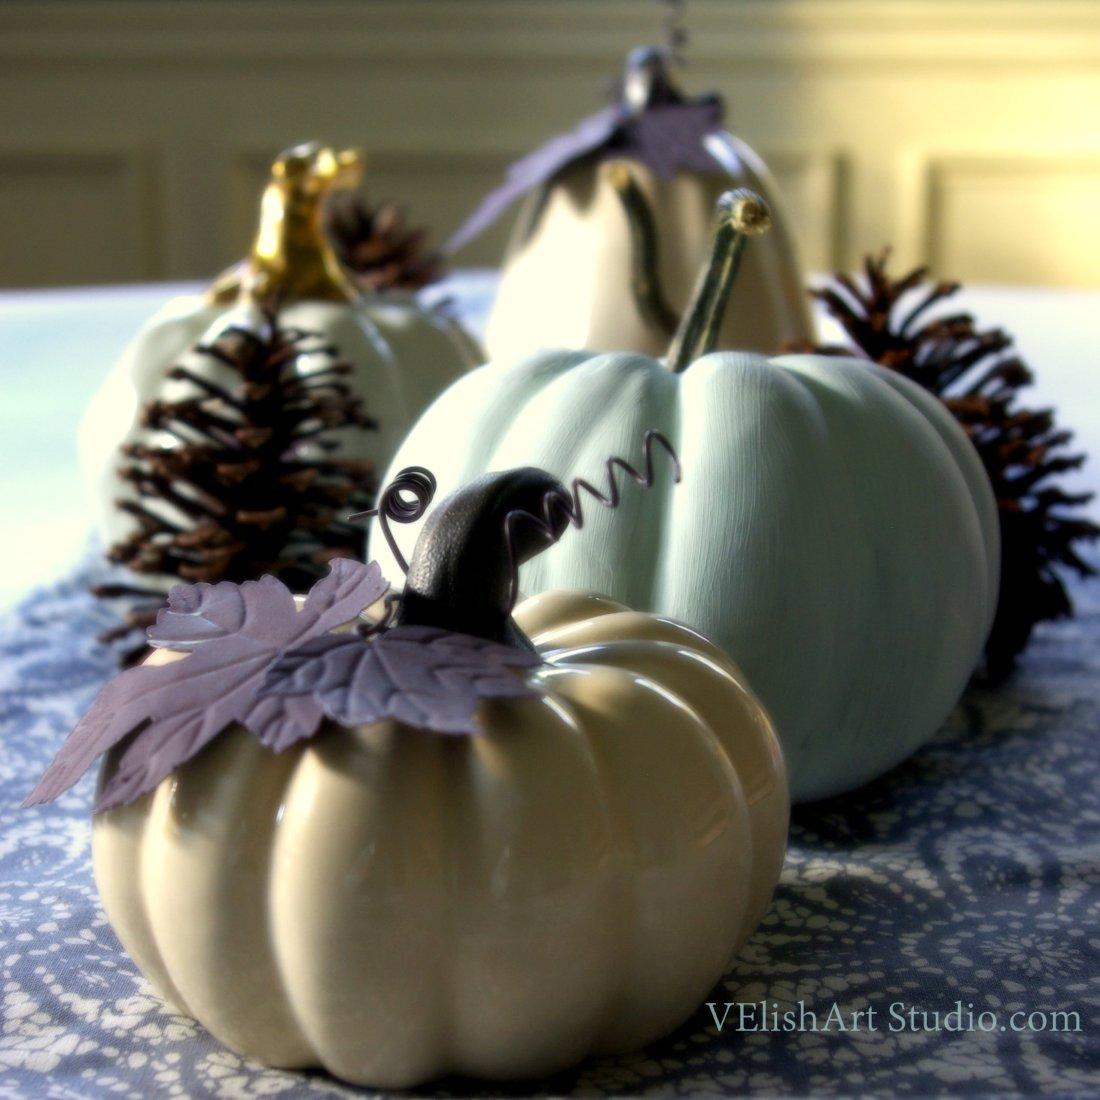 1-_IGP4179 pumpkins 12x12 fill highlight soften